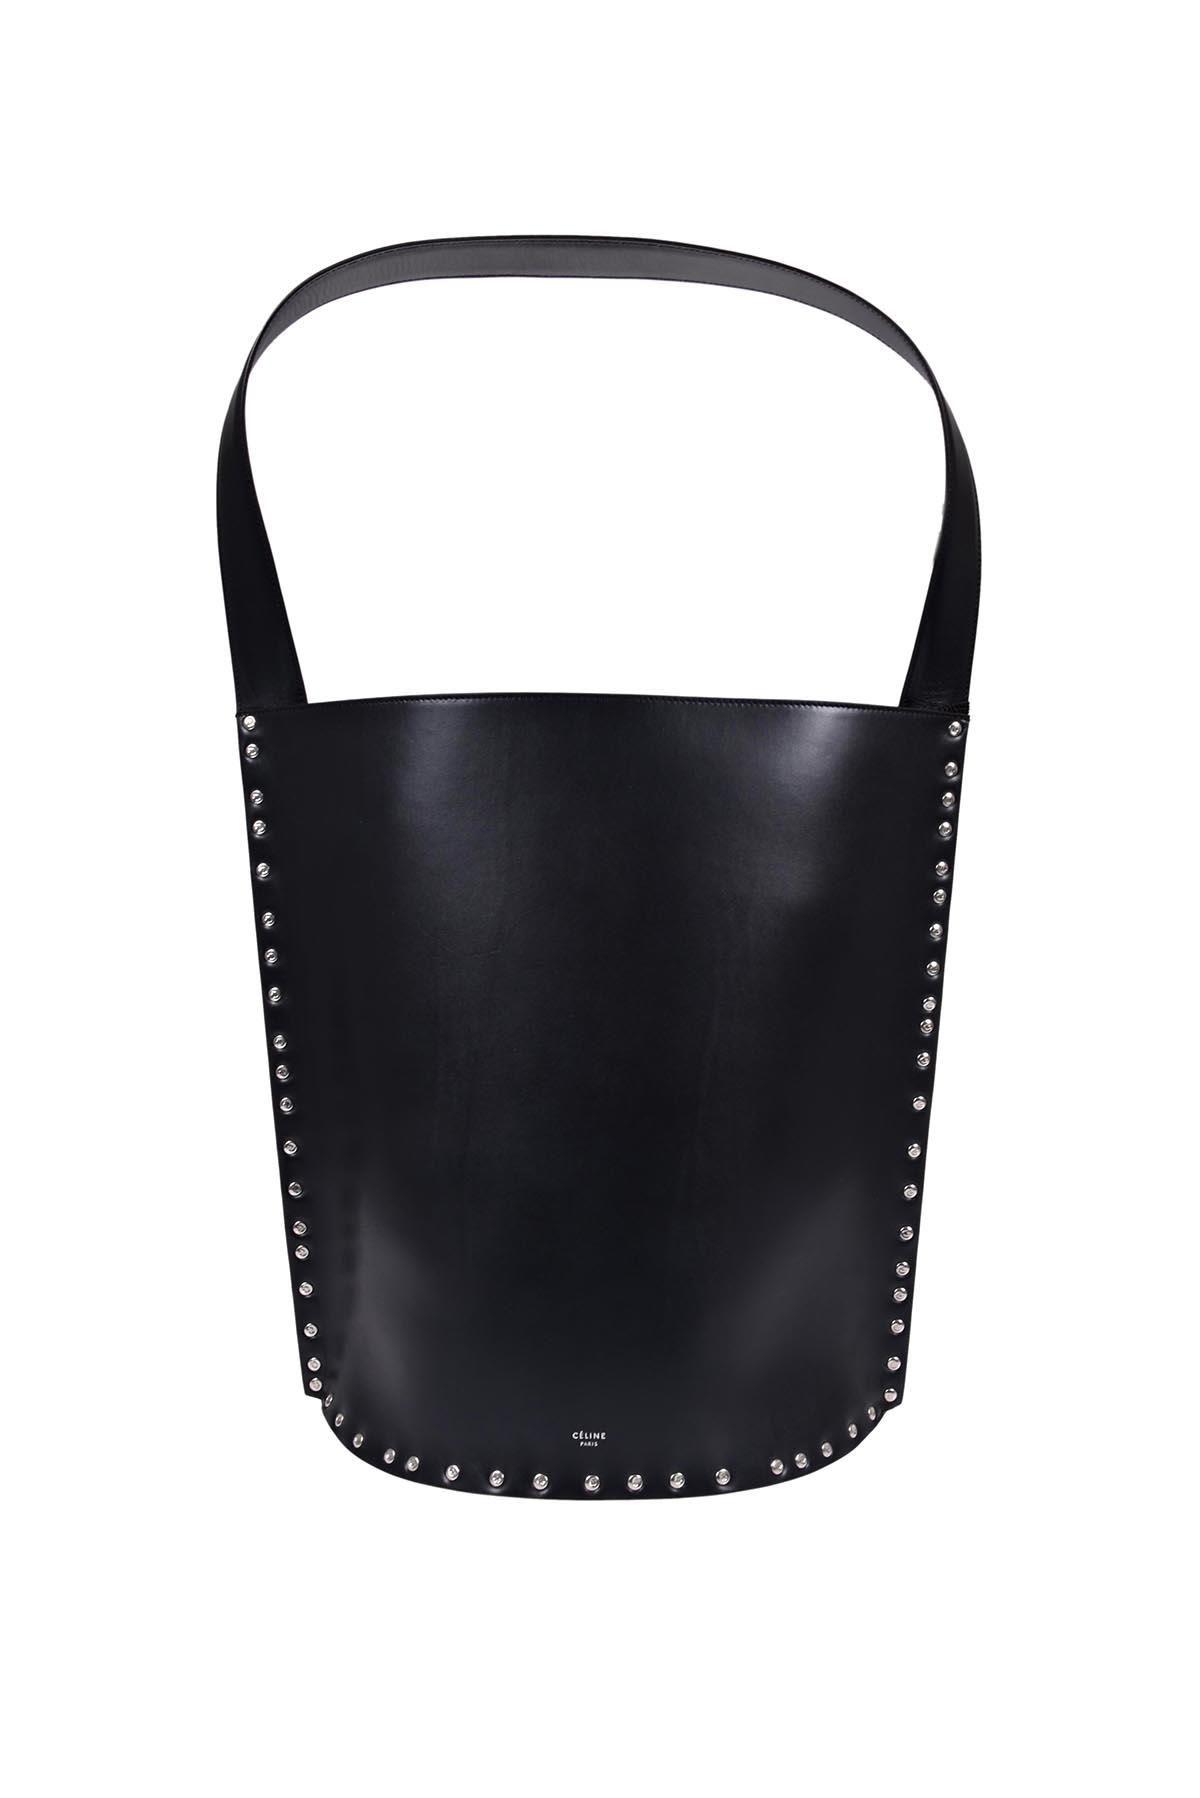 #Italist - #Celine Celine Studs Large Bucket Bag - AdoreWe ...